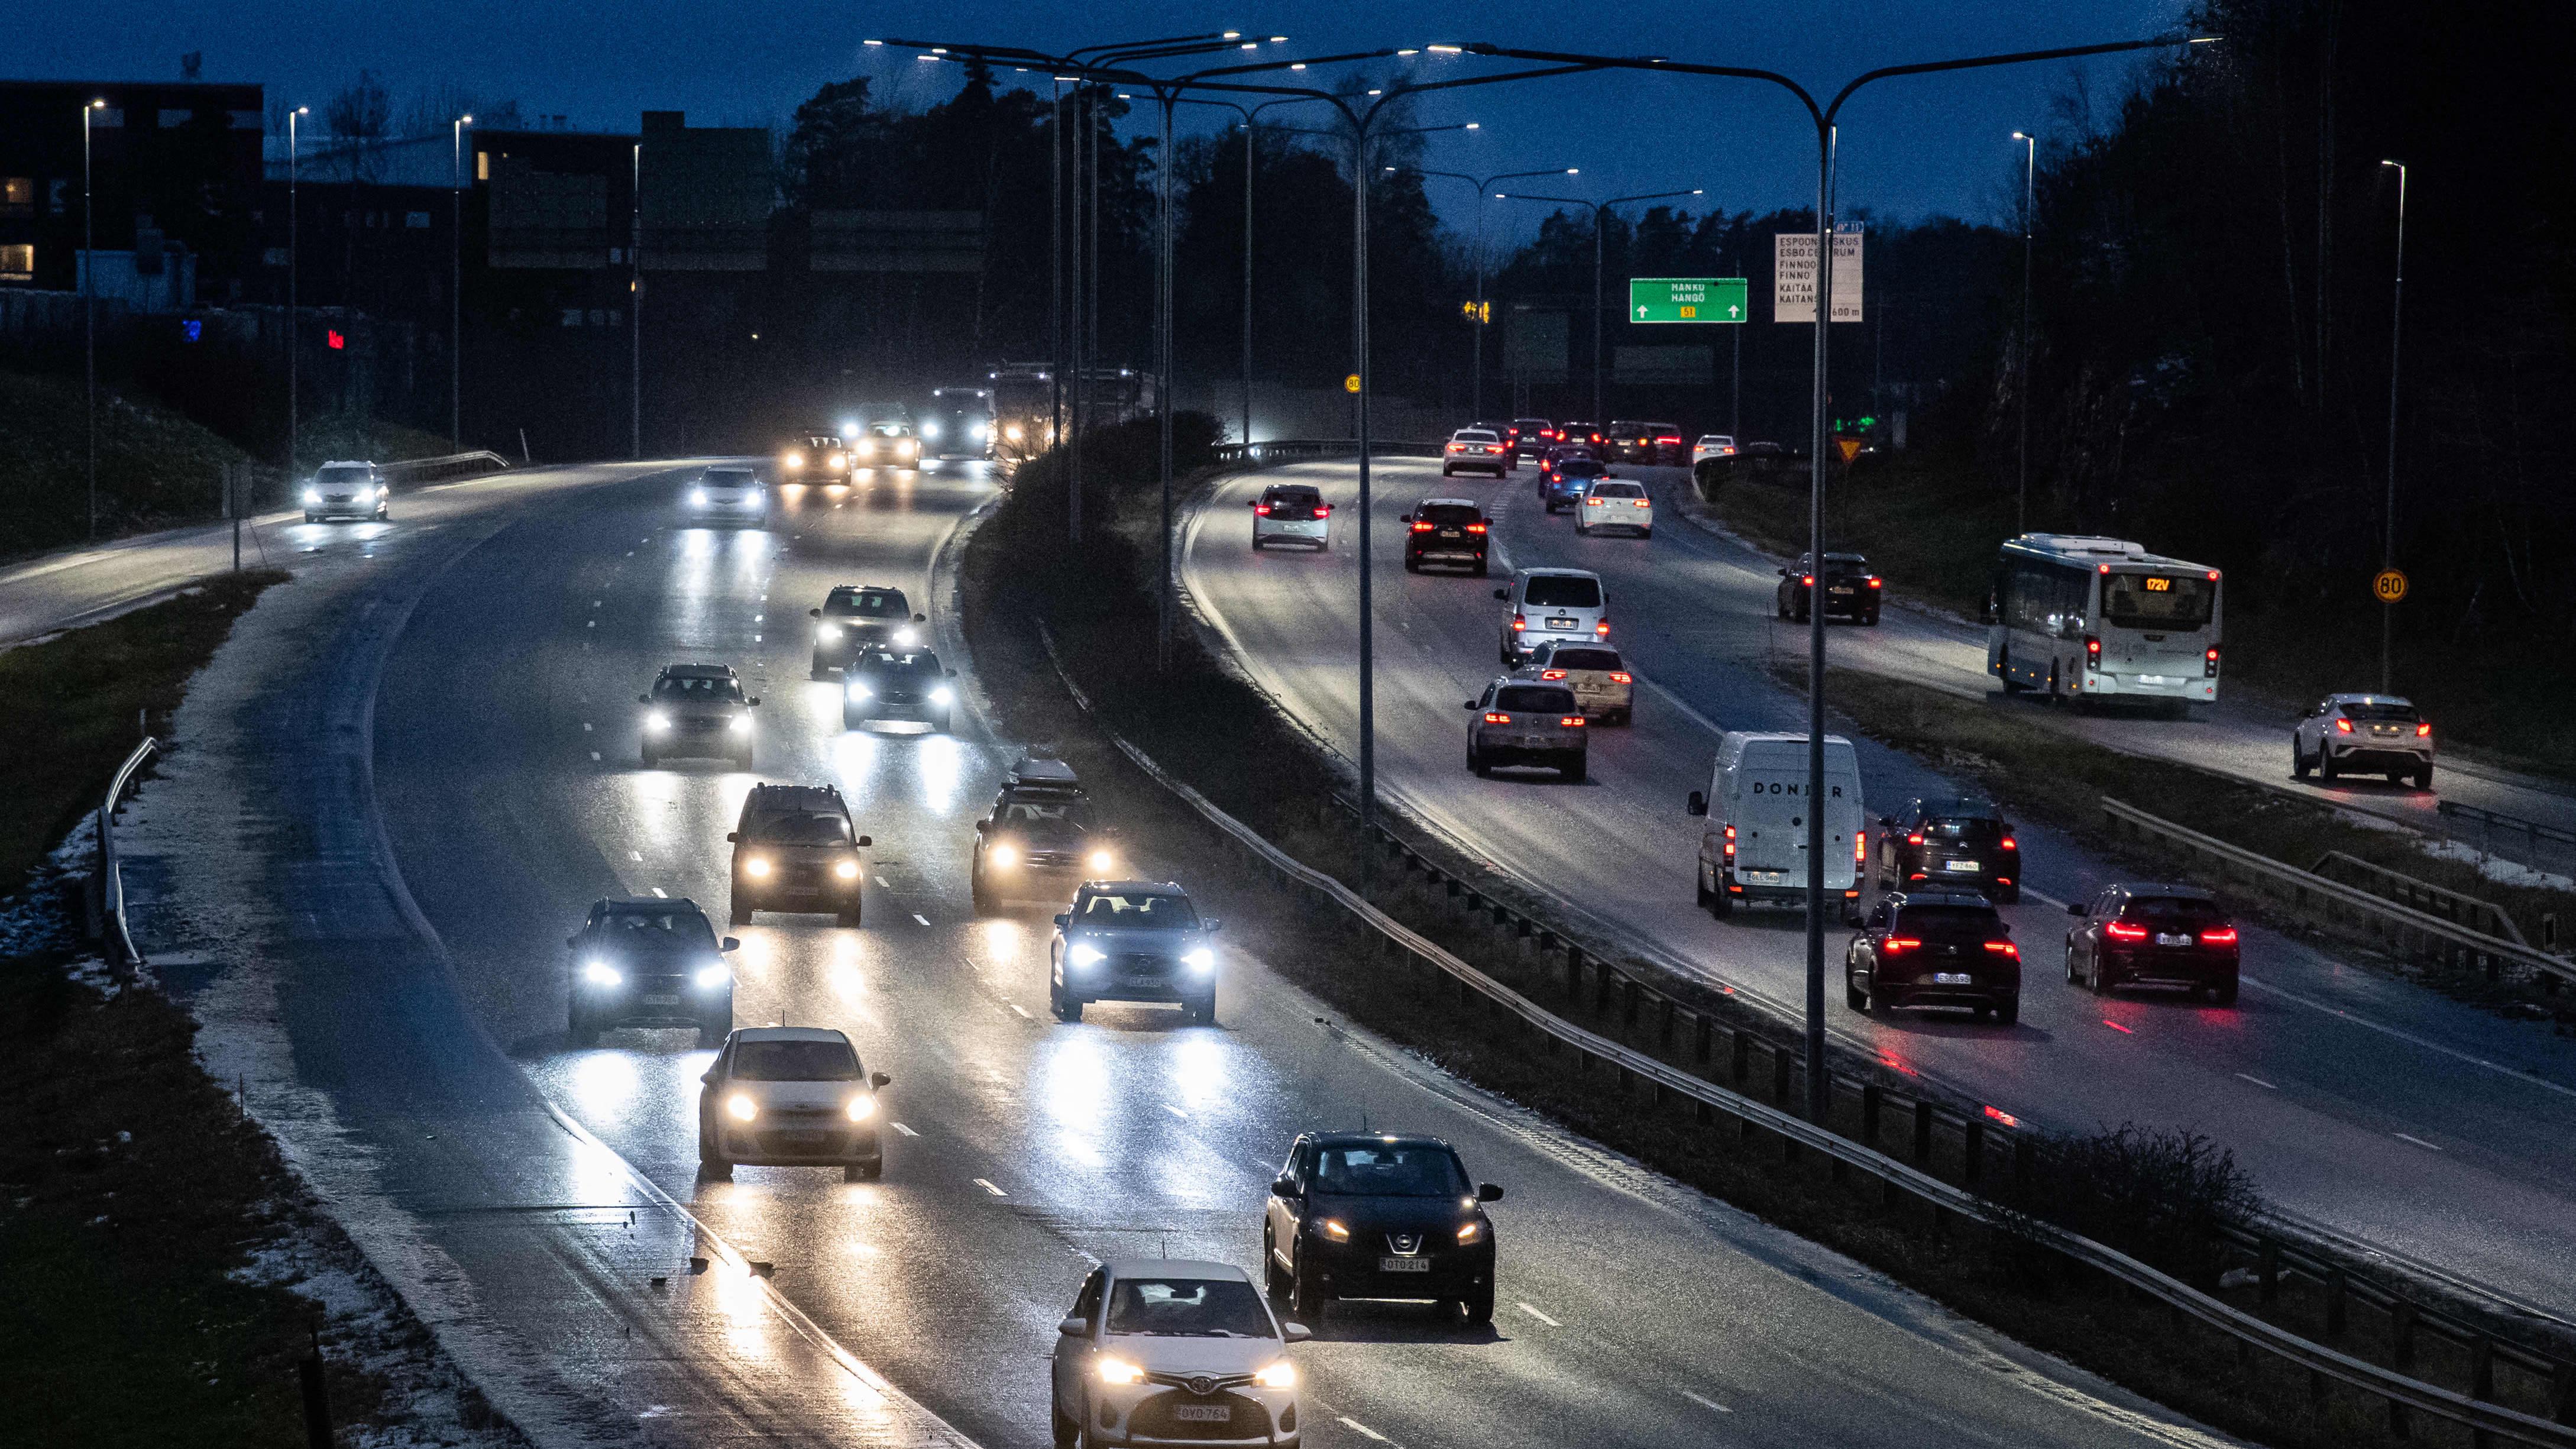 Liikennettä Länsiväylällä Espoossa.